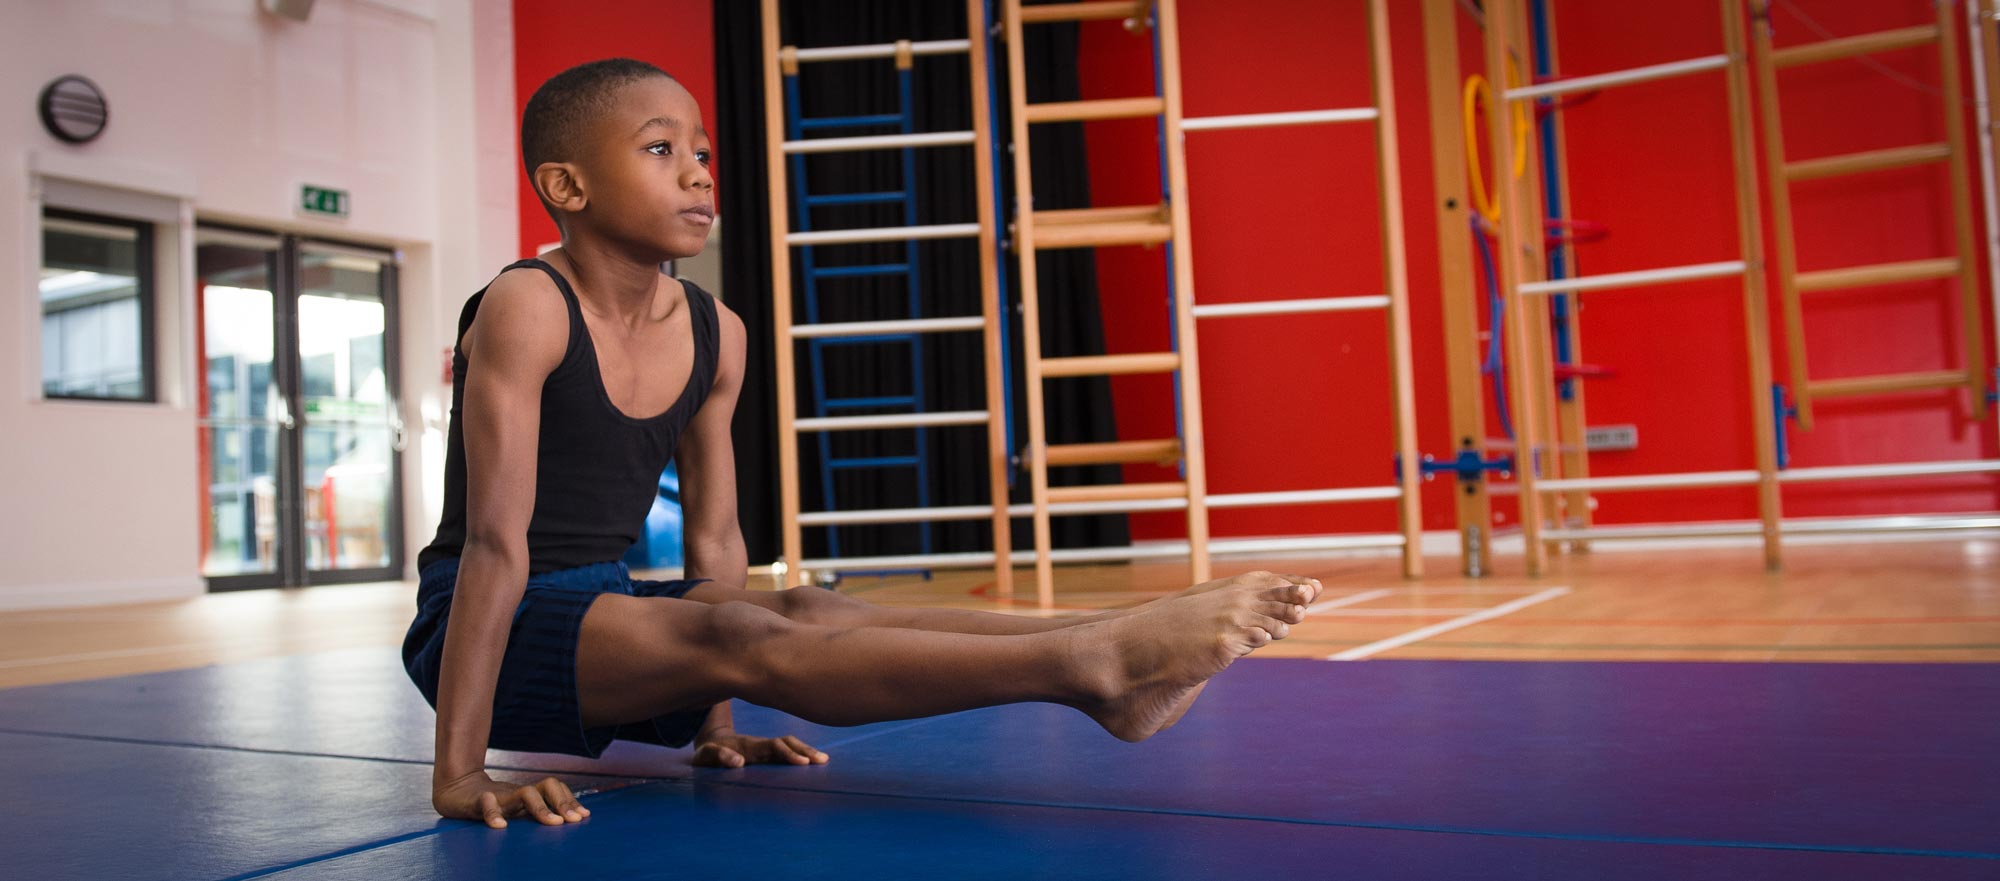 gymnastics-boy